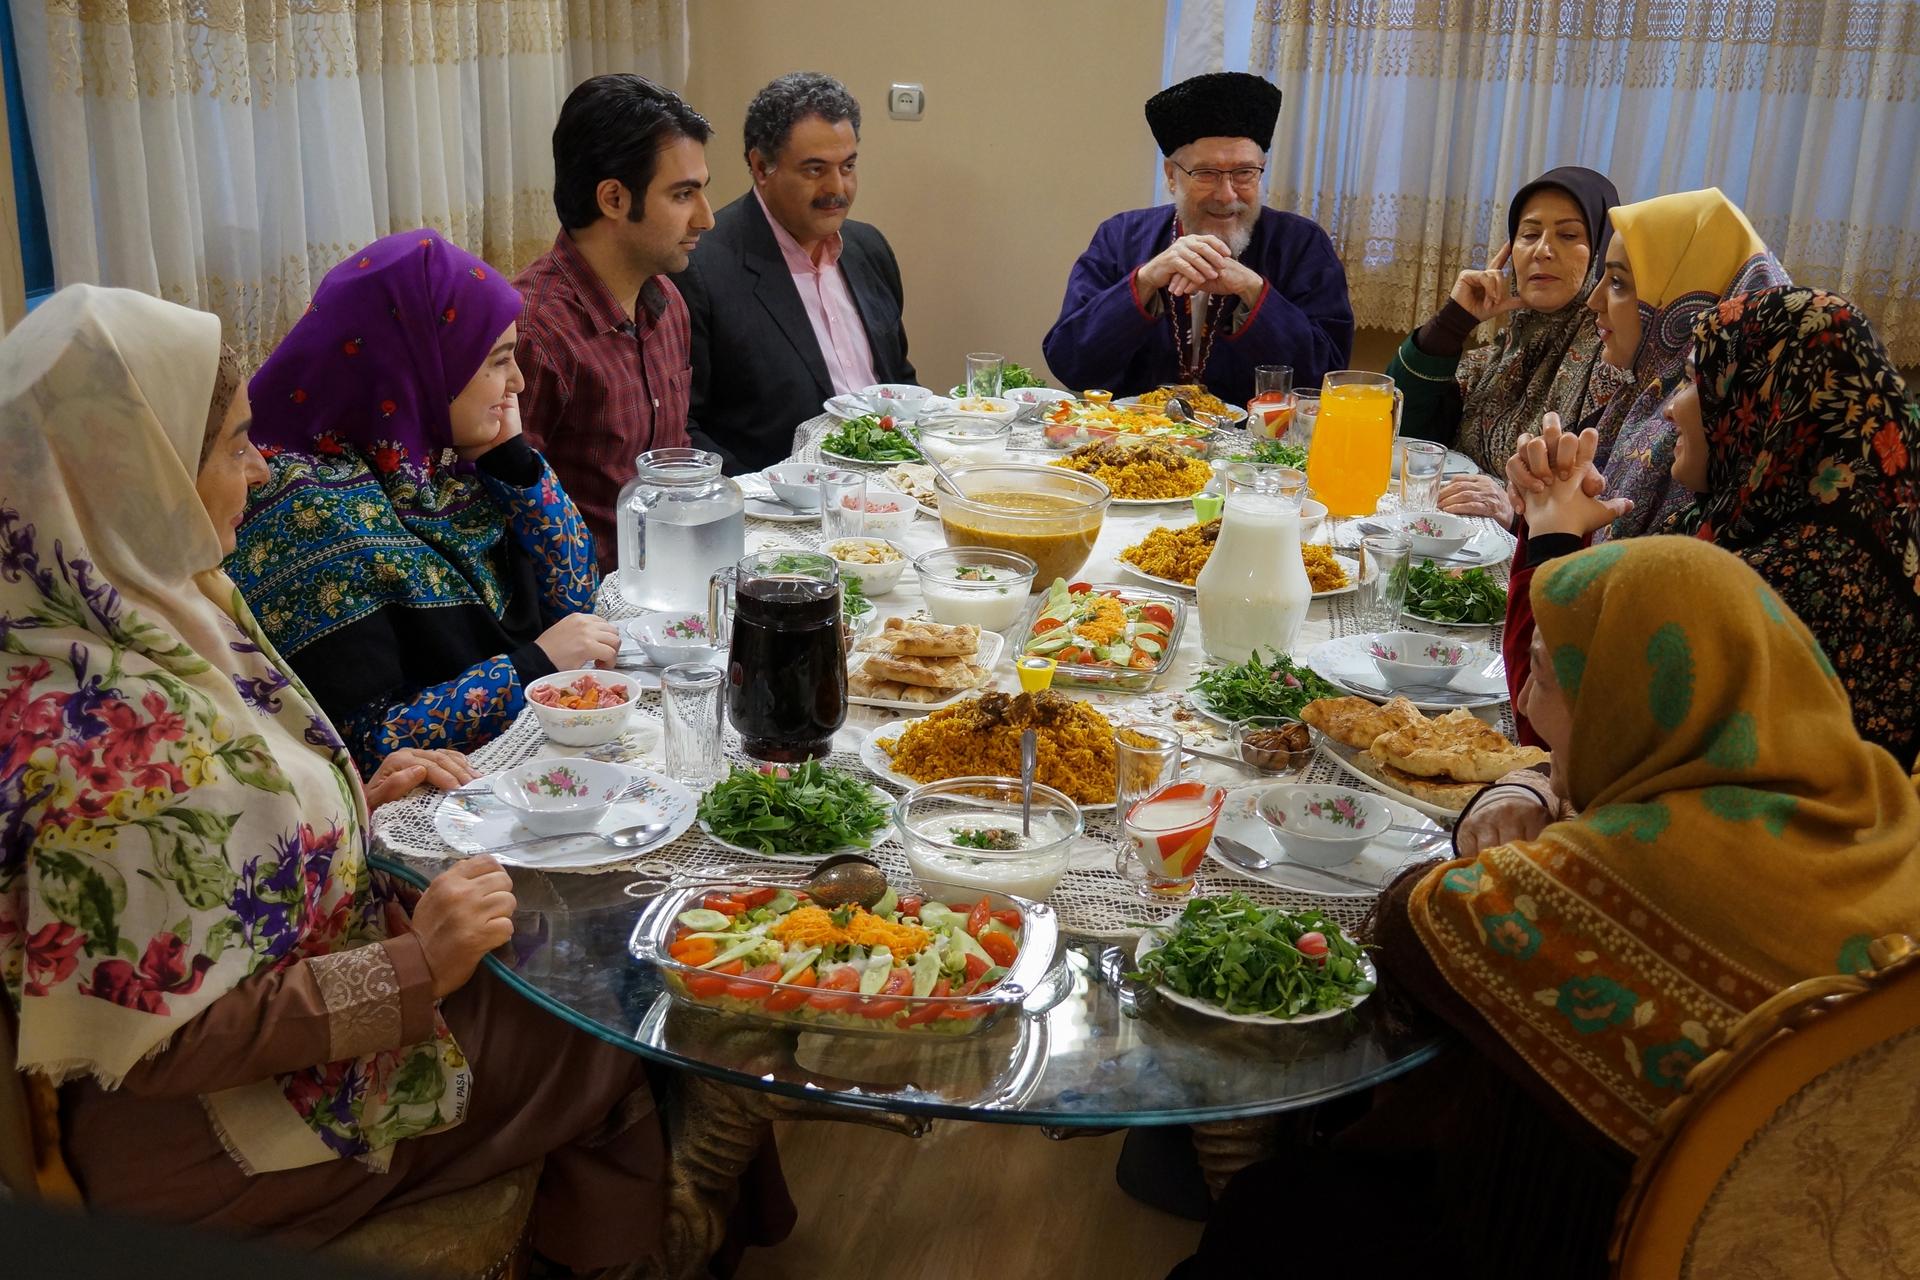 فرهاد بشارتی در صحنه سریال تلویزیونی بازی نقابها به همراه منوچهر آذر و صفا آقاجانی